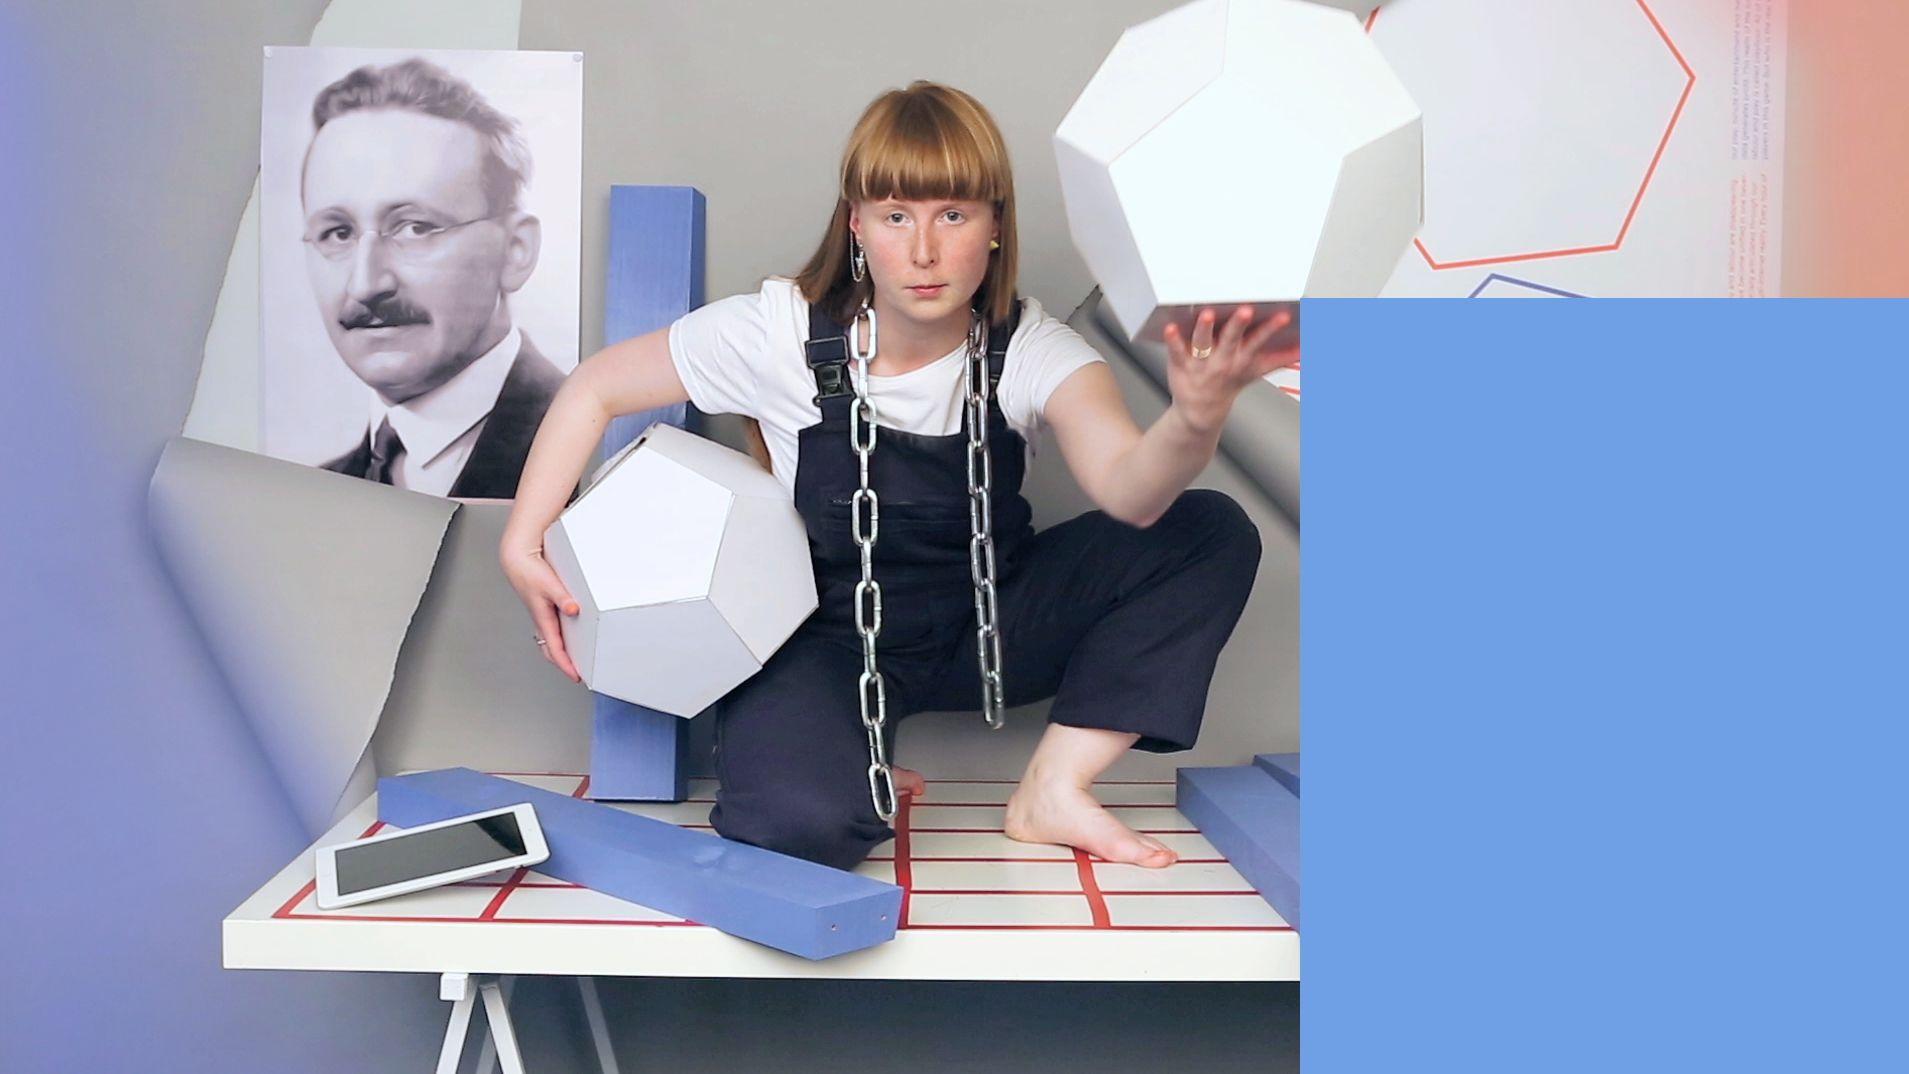 Fotografia Tereza Ruller, abanderada del diseño performativo, en IED